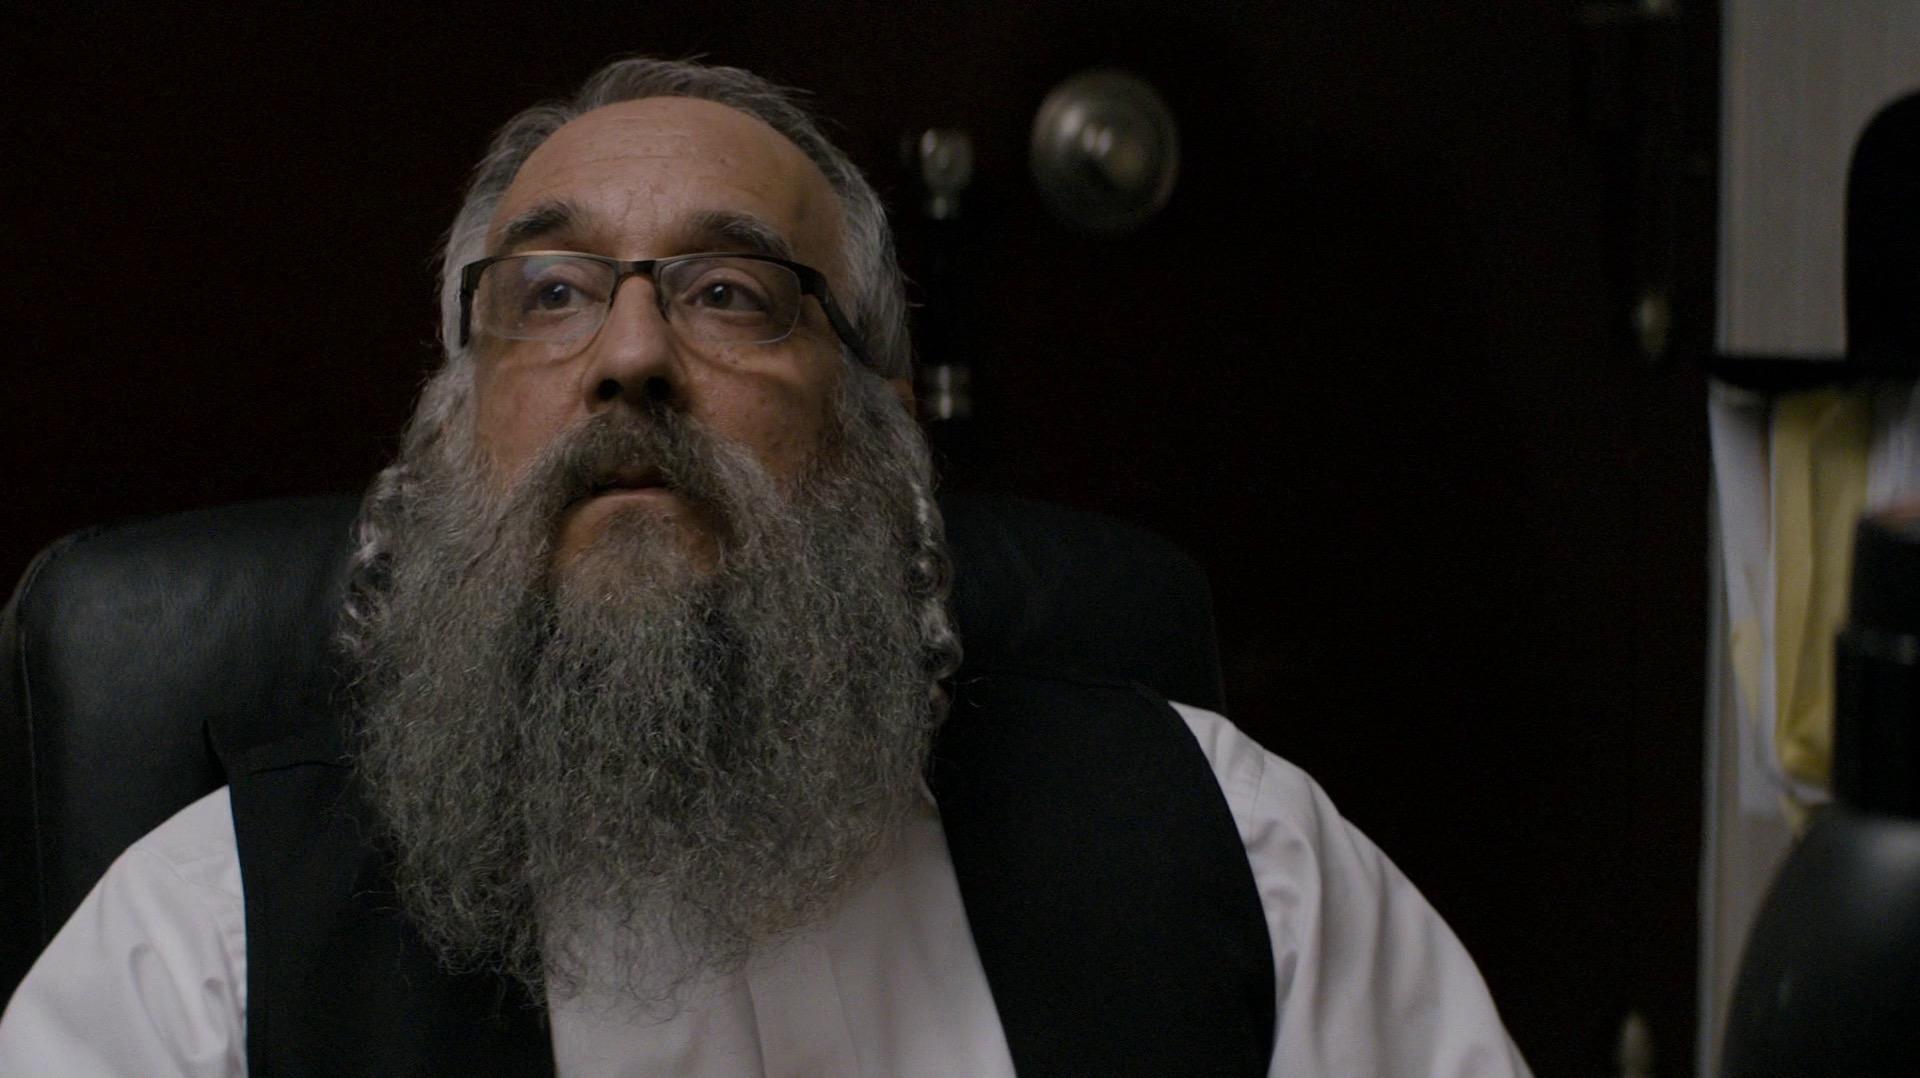 The hasidic jewler